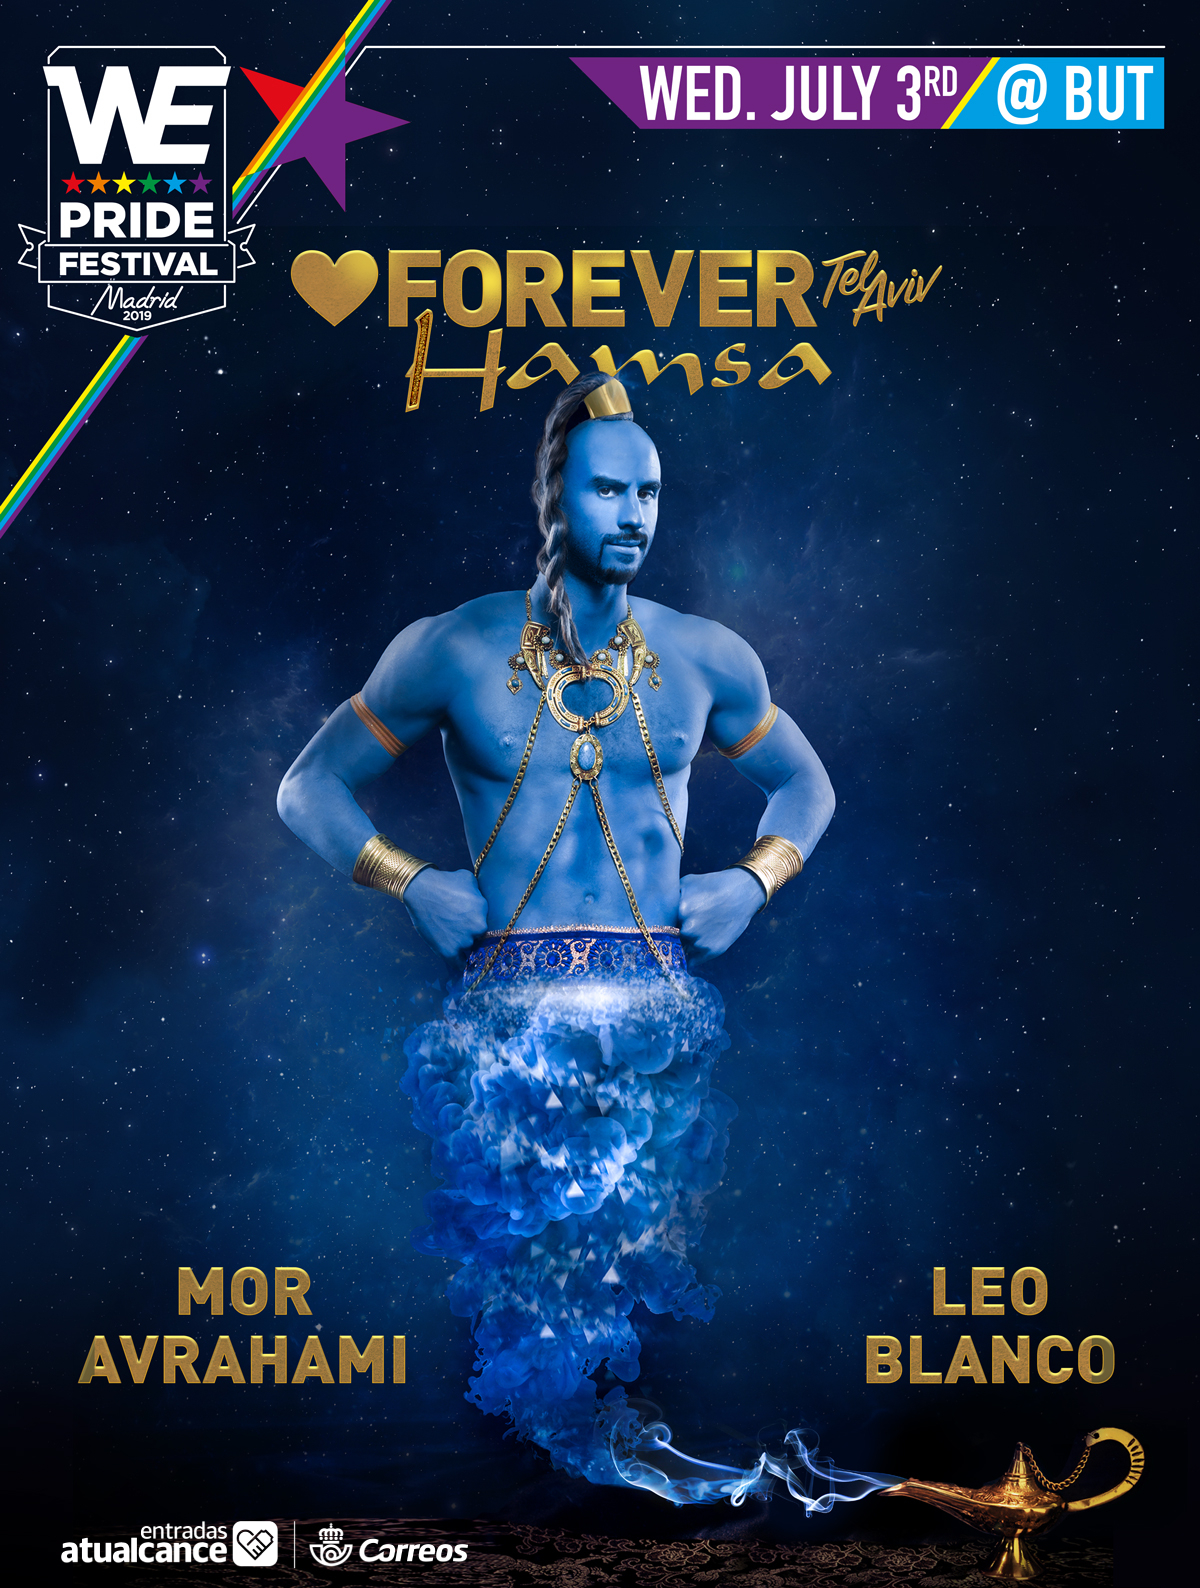 03-07-forever-telaviv-hamsa-5cd3fb18ea5b